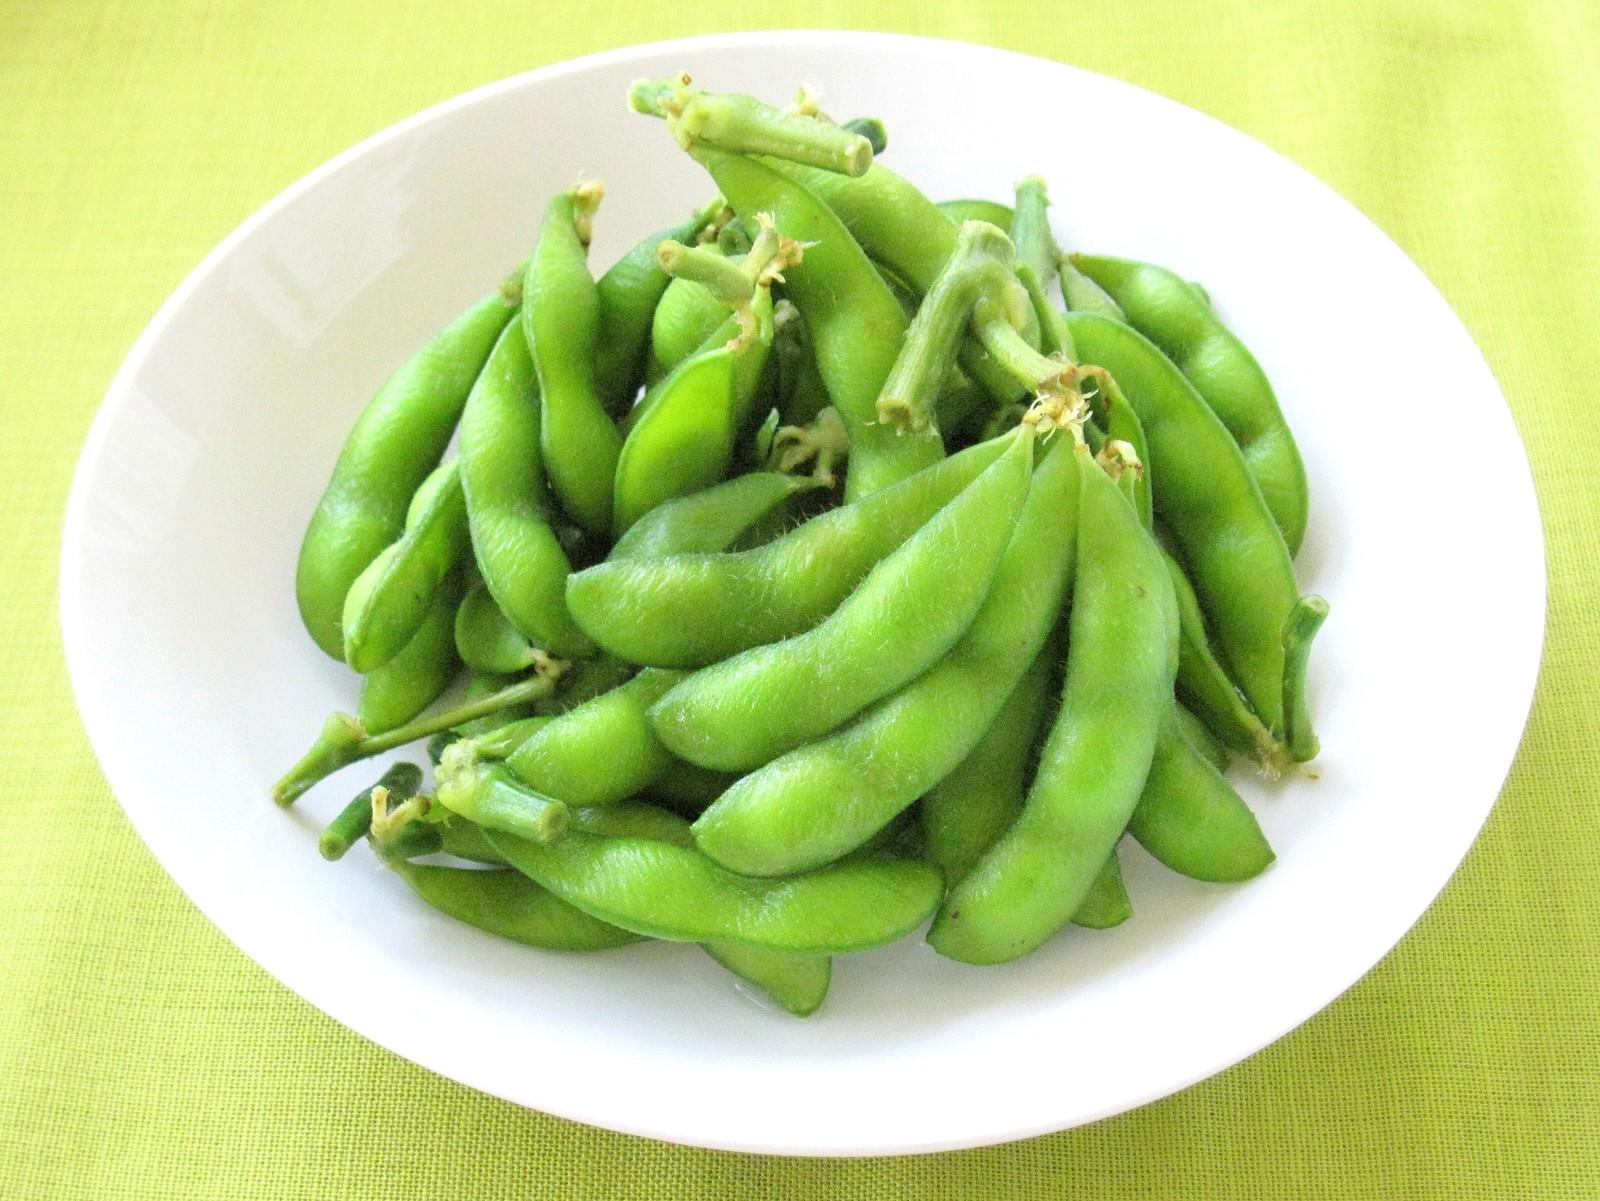 「枝豆 無料素材」の画像検索結果